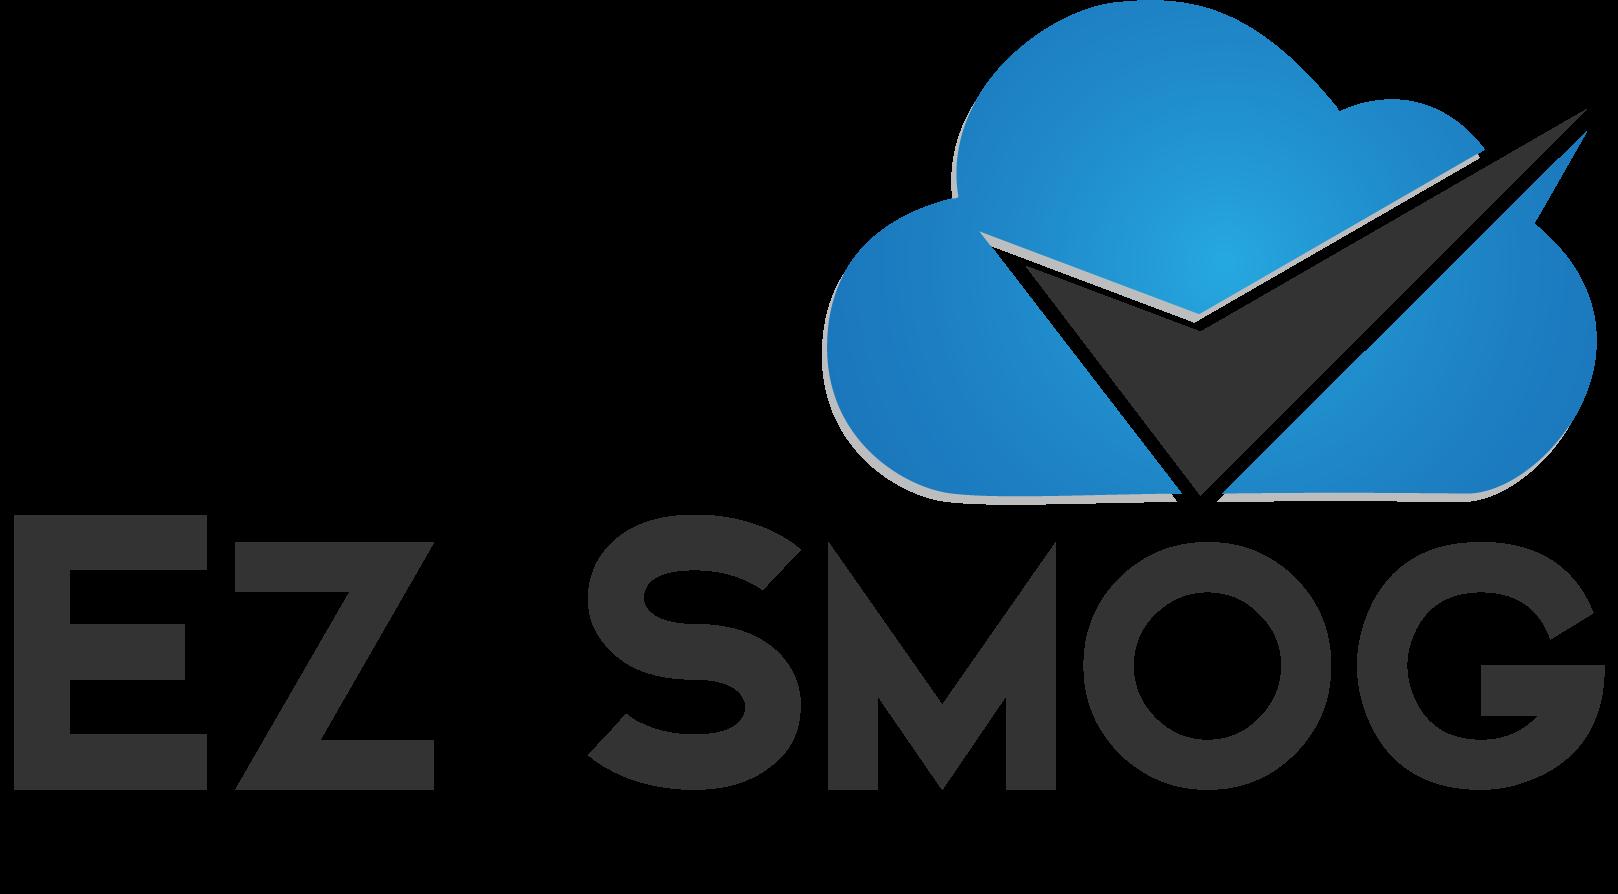 EZ Smog Check